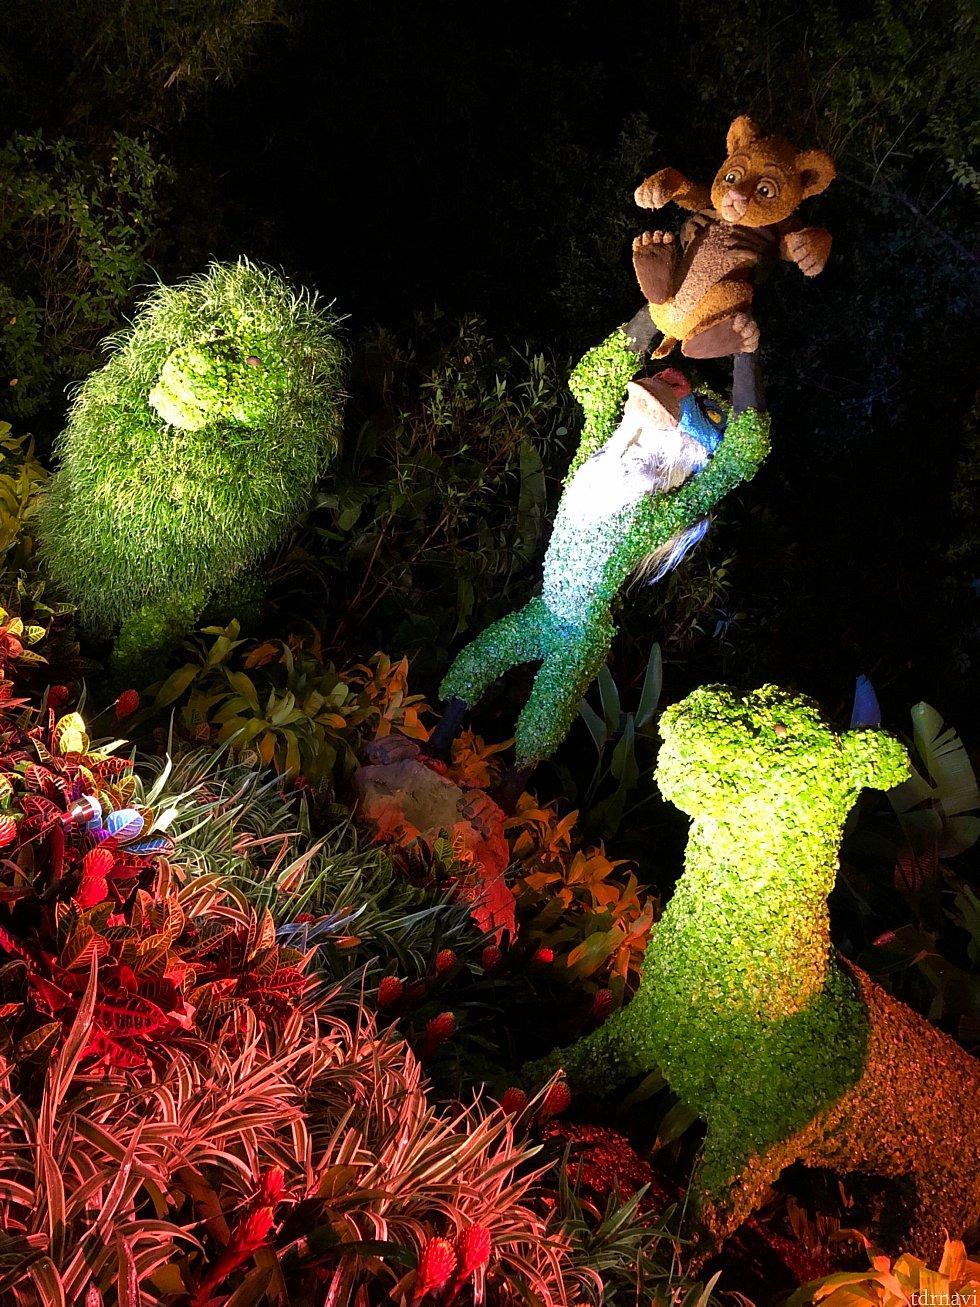 パークのあちこちにいる、ディズニーキャラクター達のトピアリーを鑑賞するのもこのフェスティバルの楽しみの一つです。